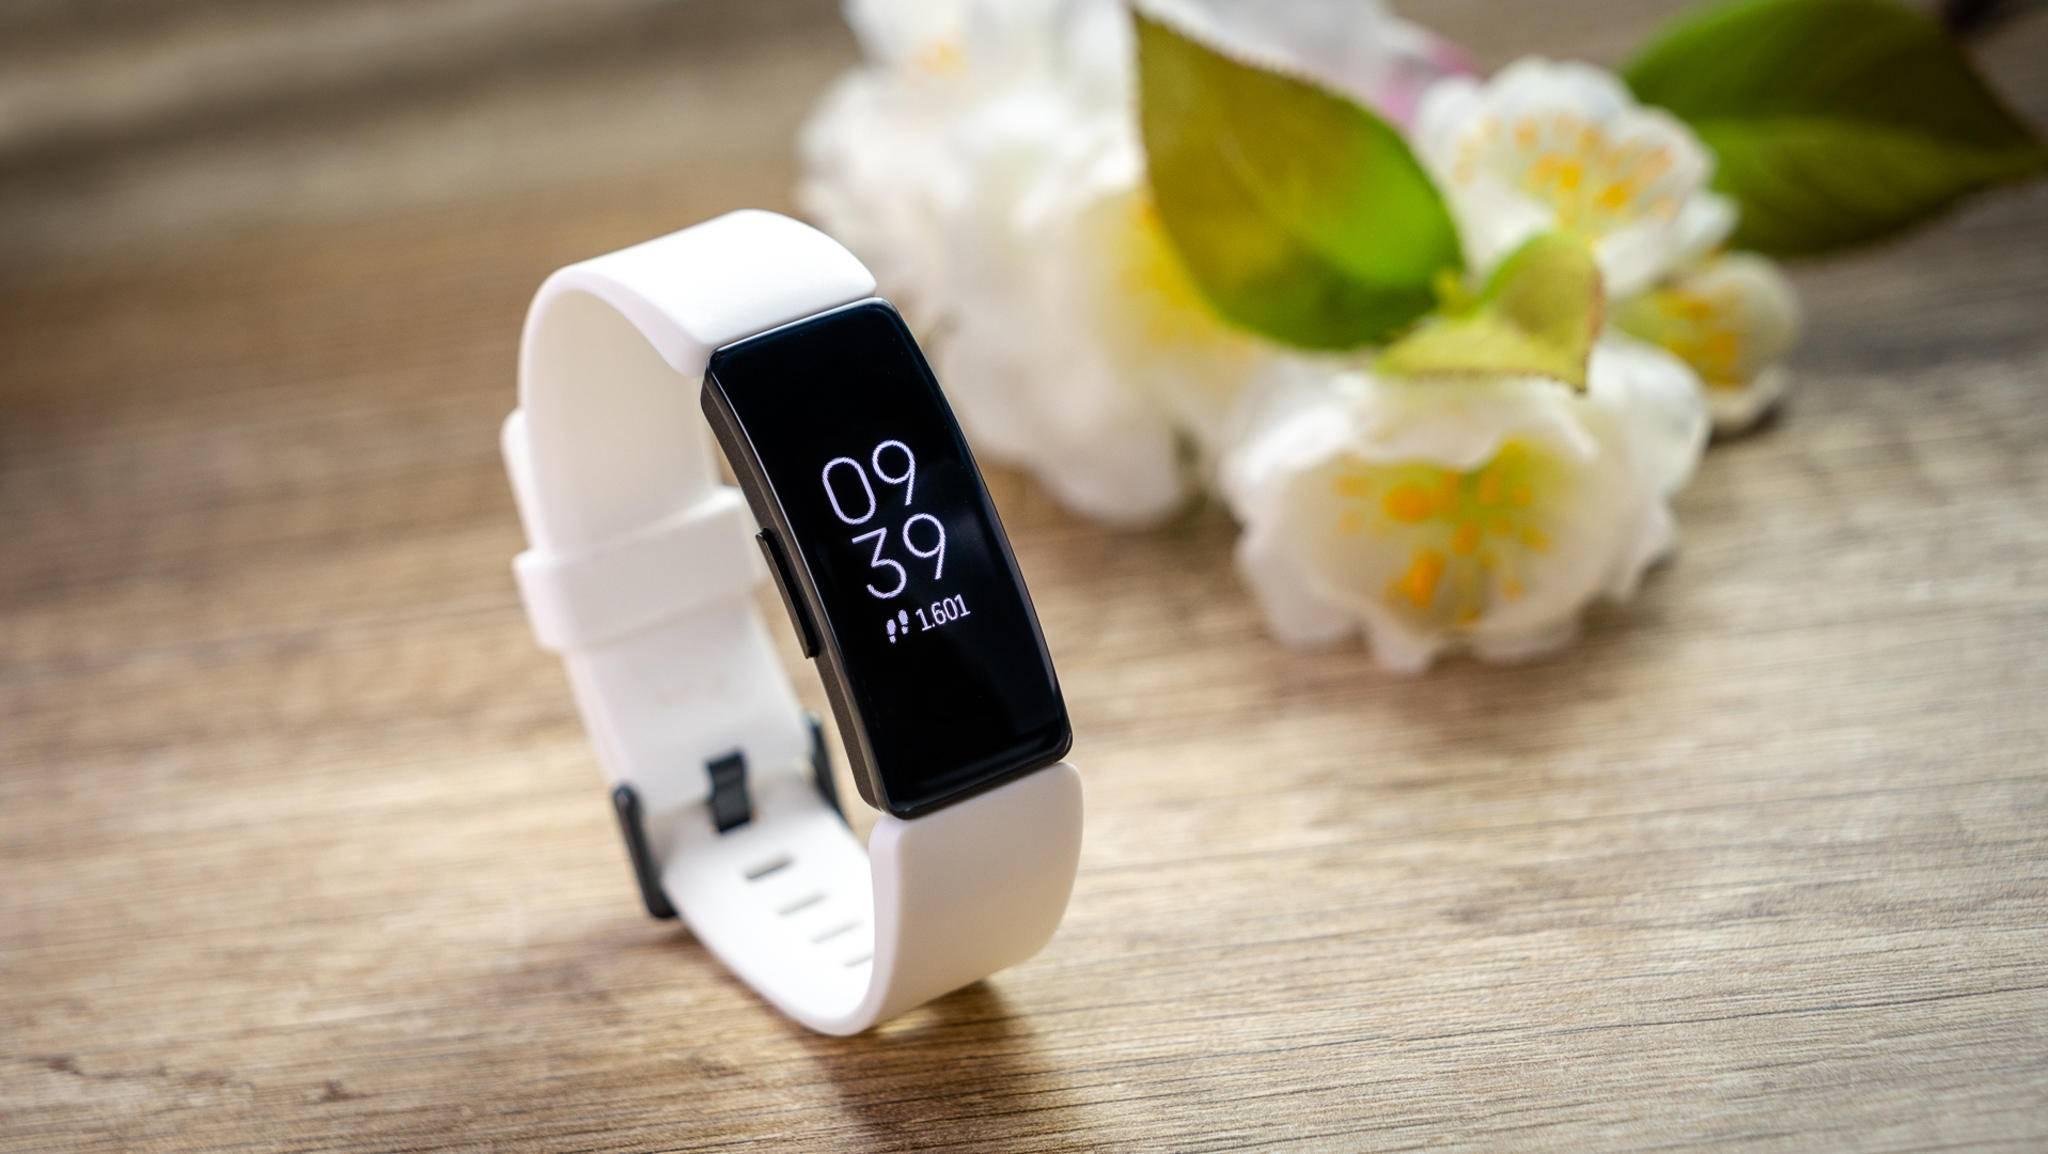 Das neue Firmware-Update sorgt für mehr Abwechslung auf dem Display des Fitbit Inspire und Inspire HR.